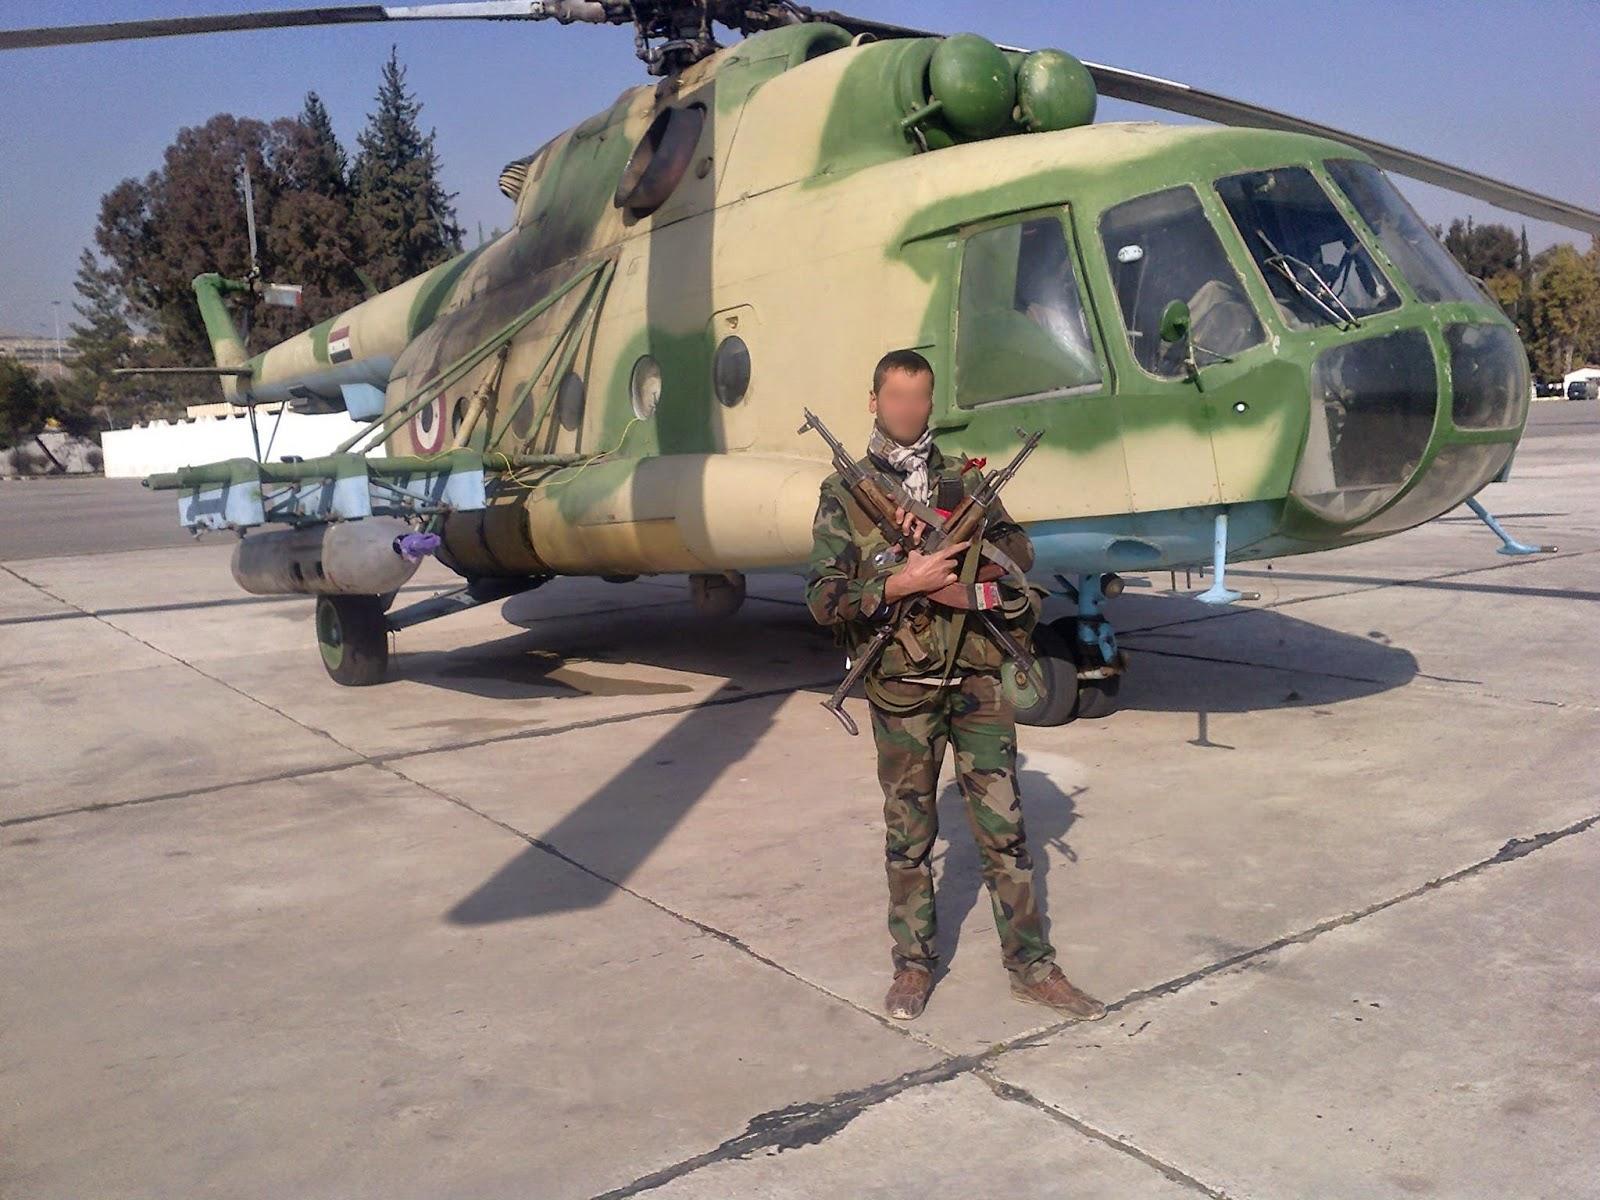 القوات الجويه السوريه .....دورها في الحرب القائمه  75m